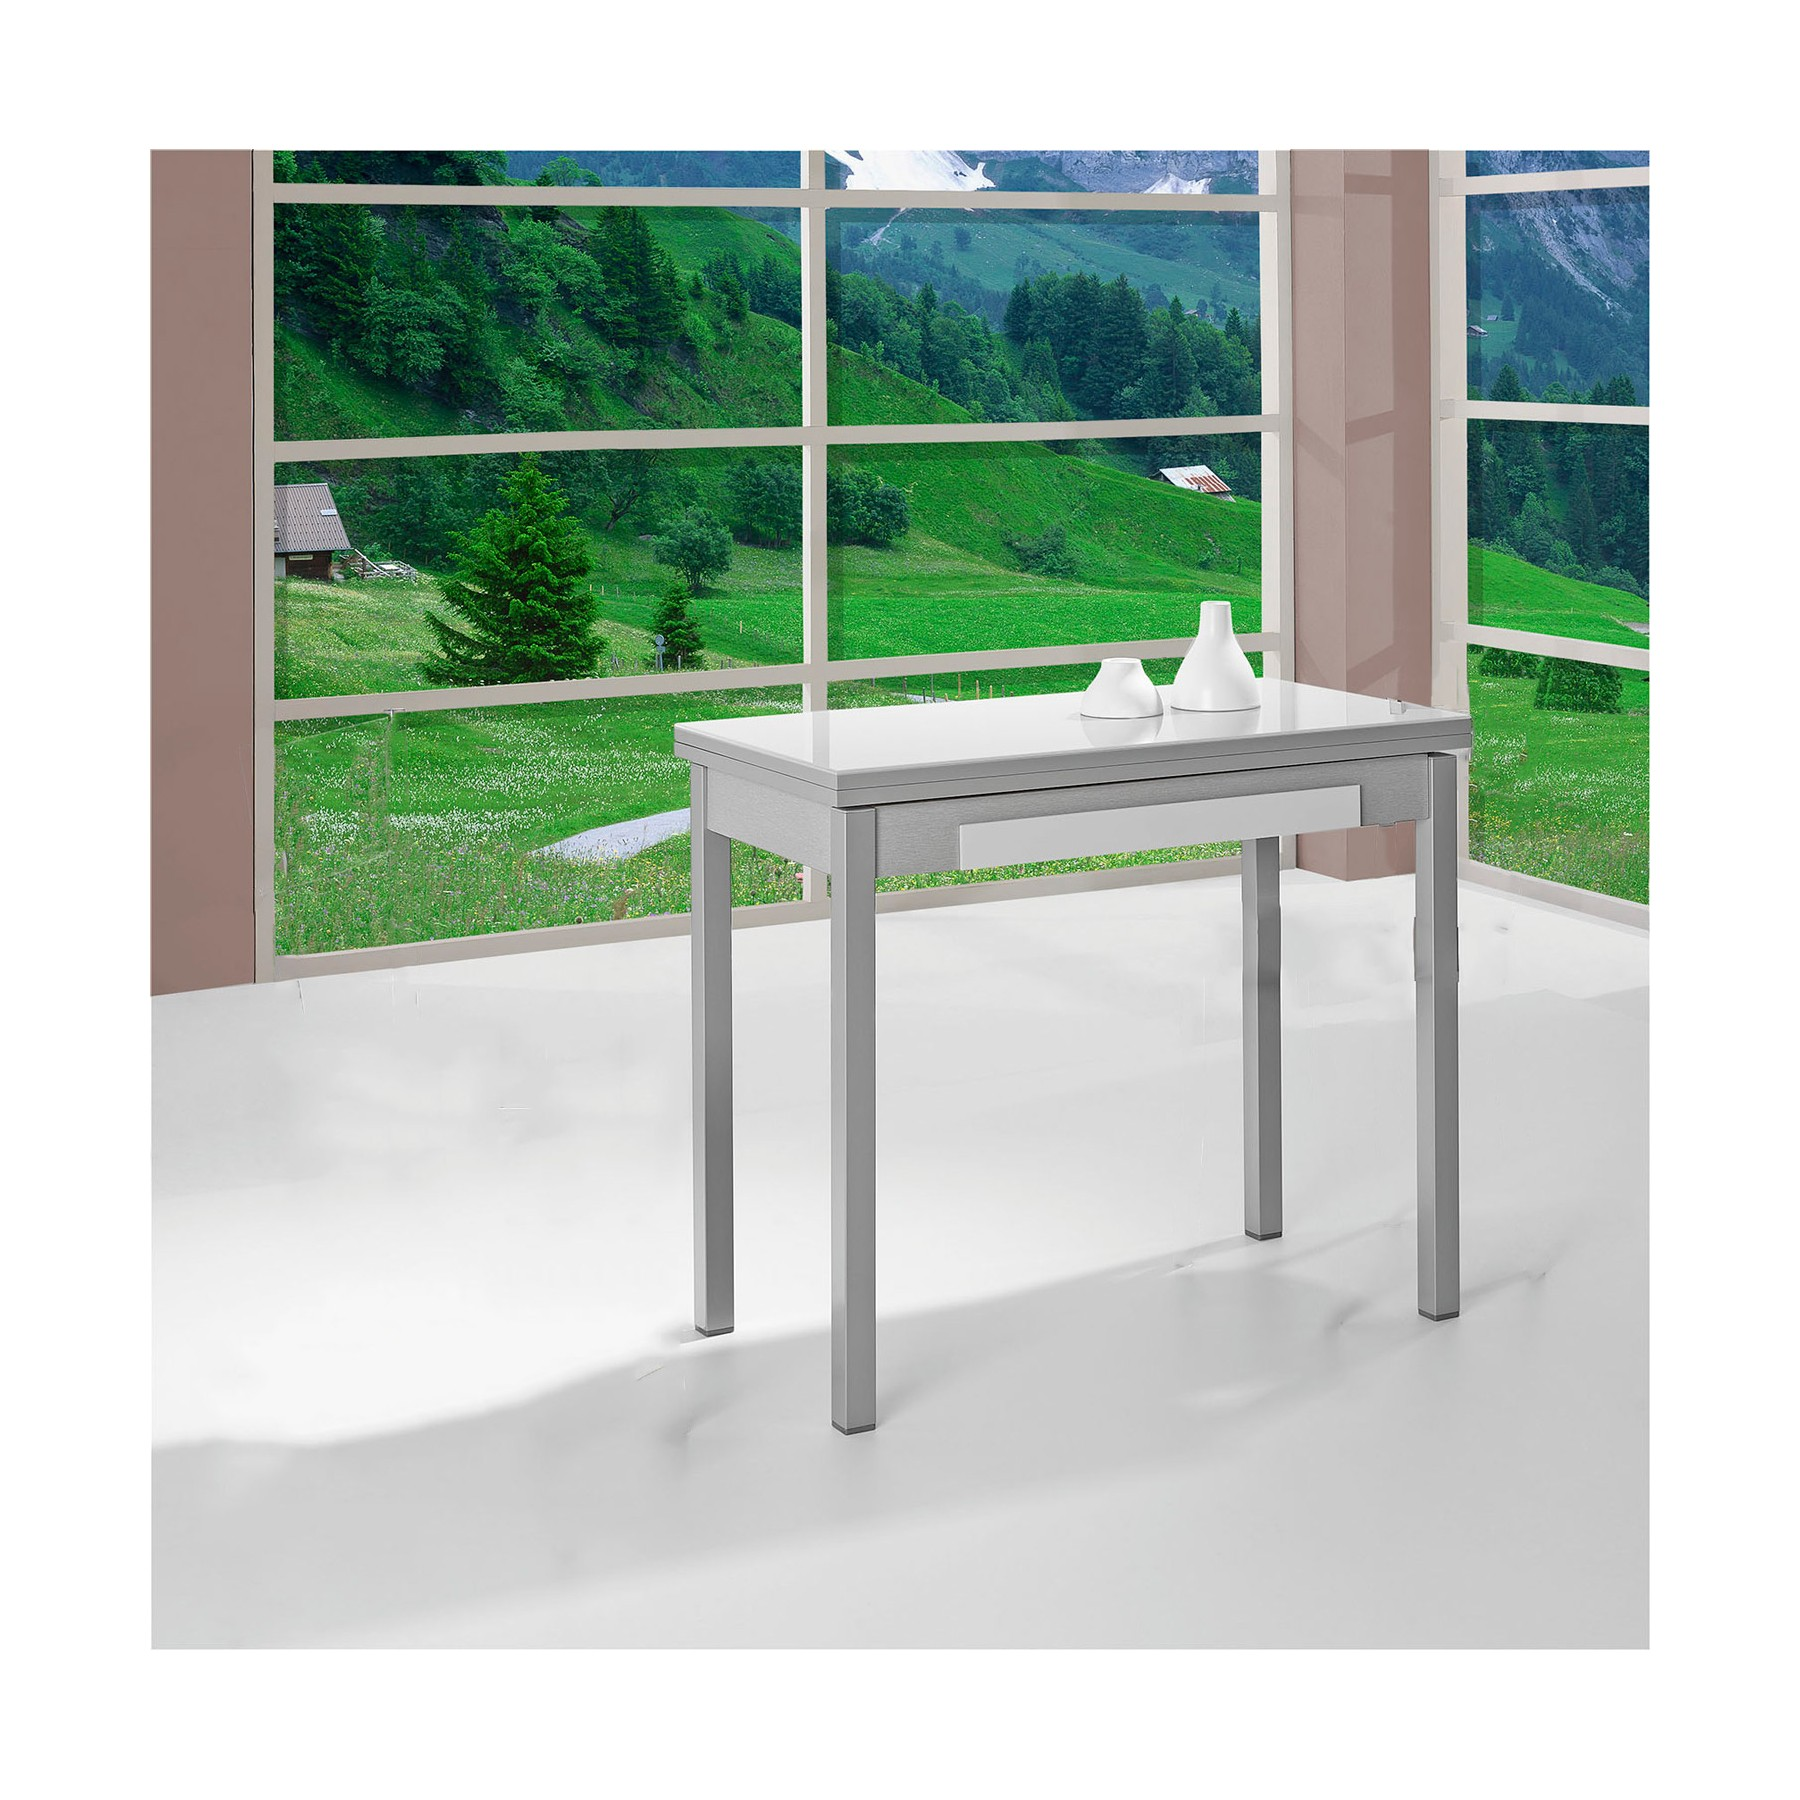 Mesa de cocina extensible apertura de libro con cristal